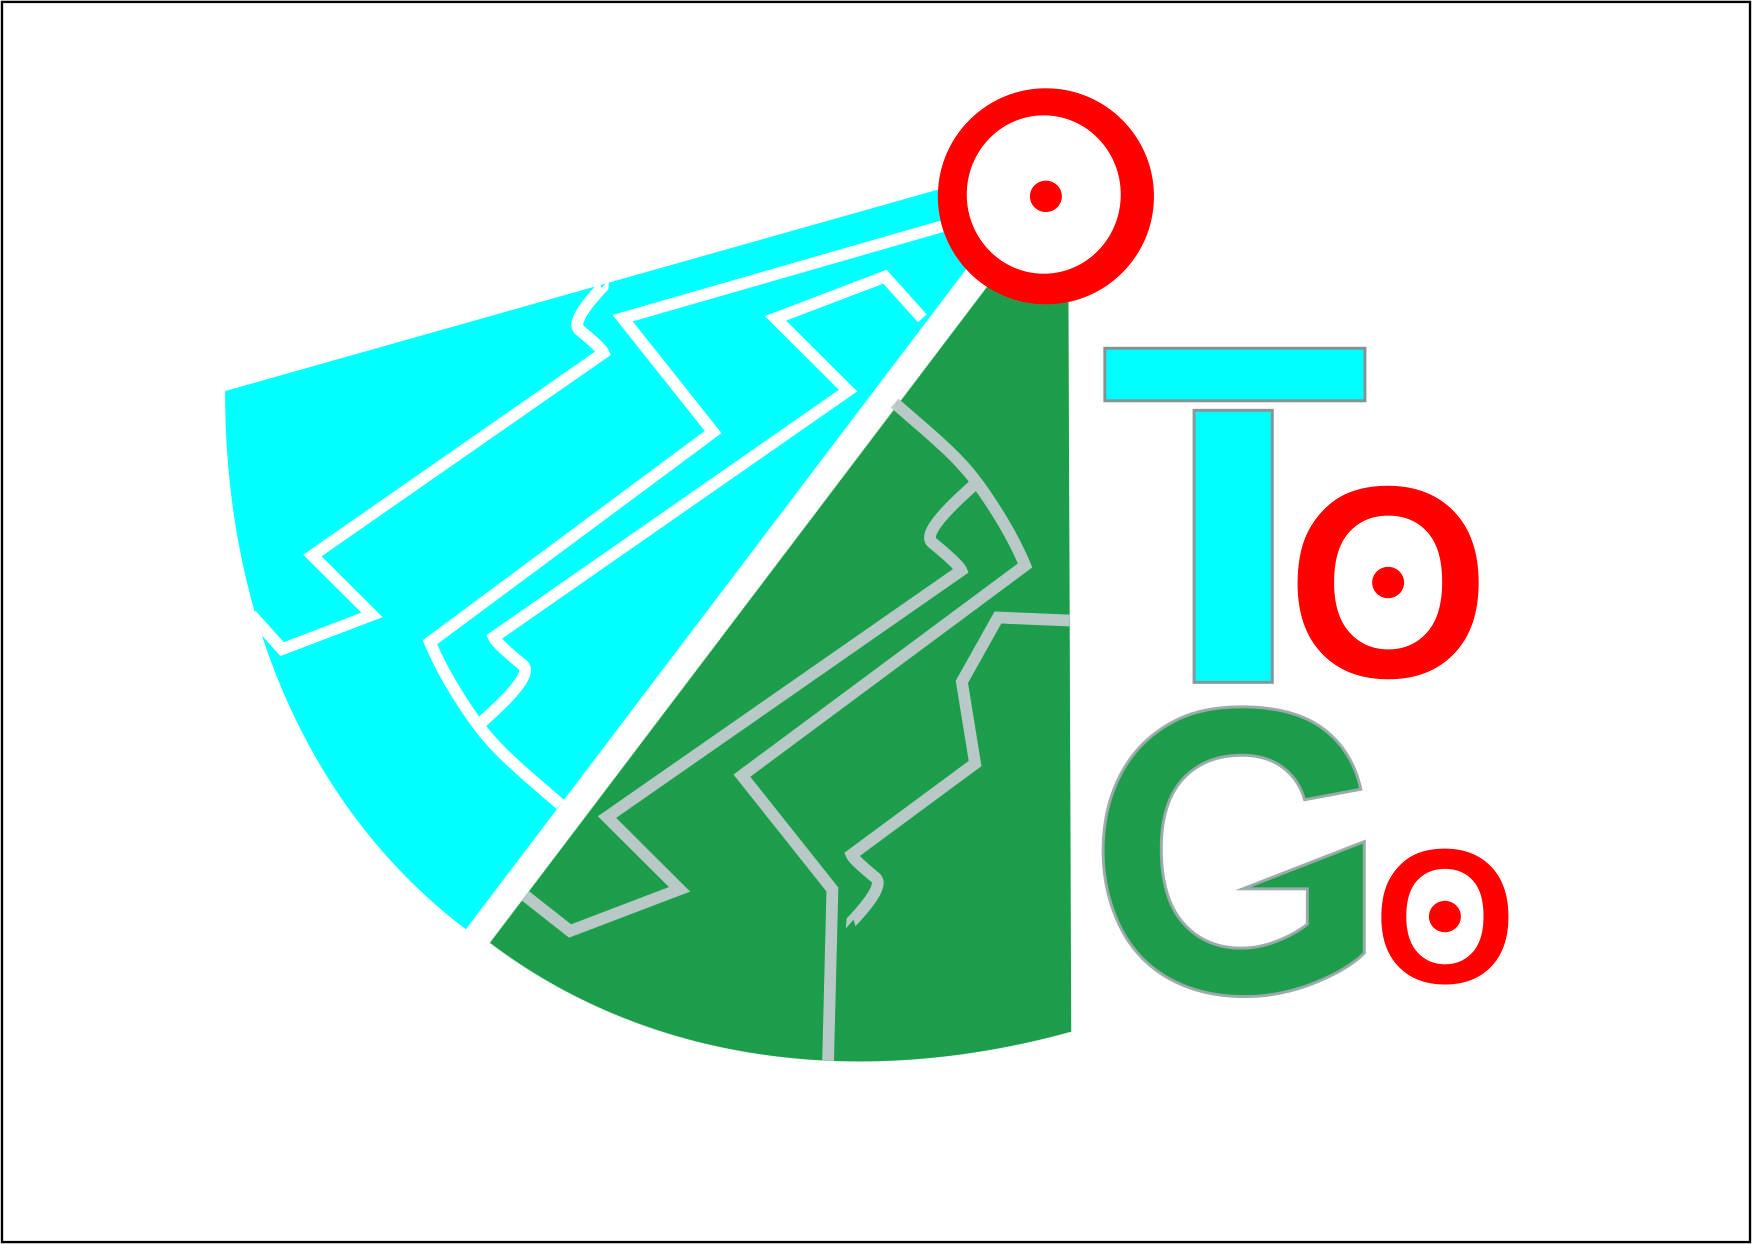 Разработать логотип и экран загрузки приложения фото f_9775a8bbead4e863.jpg